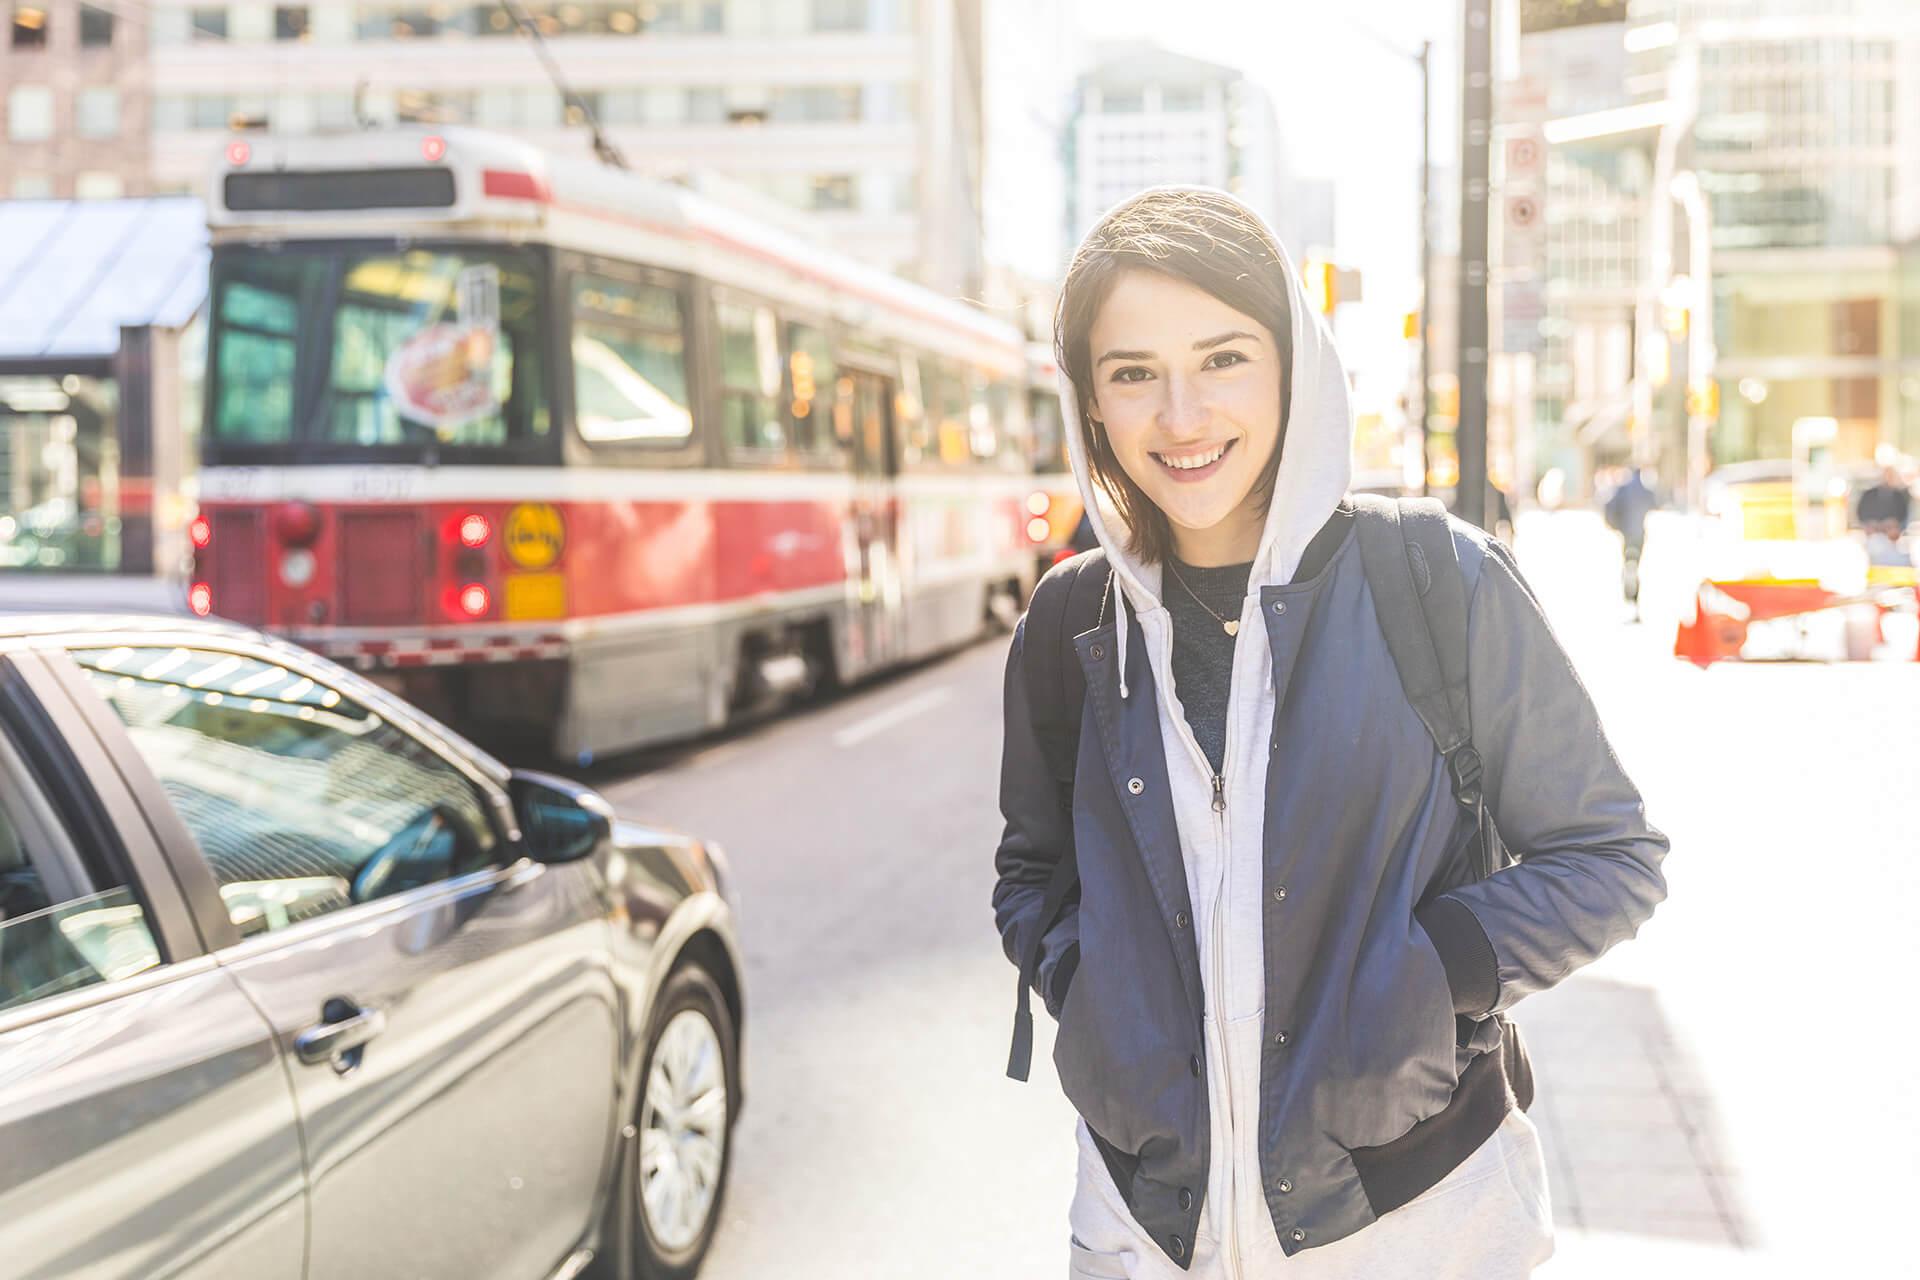 Image d'une jeune femme vêtue d'un chandail à capuche et d'une veste en denim, souriant en arrière-plan.